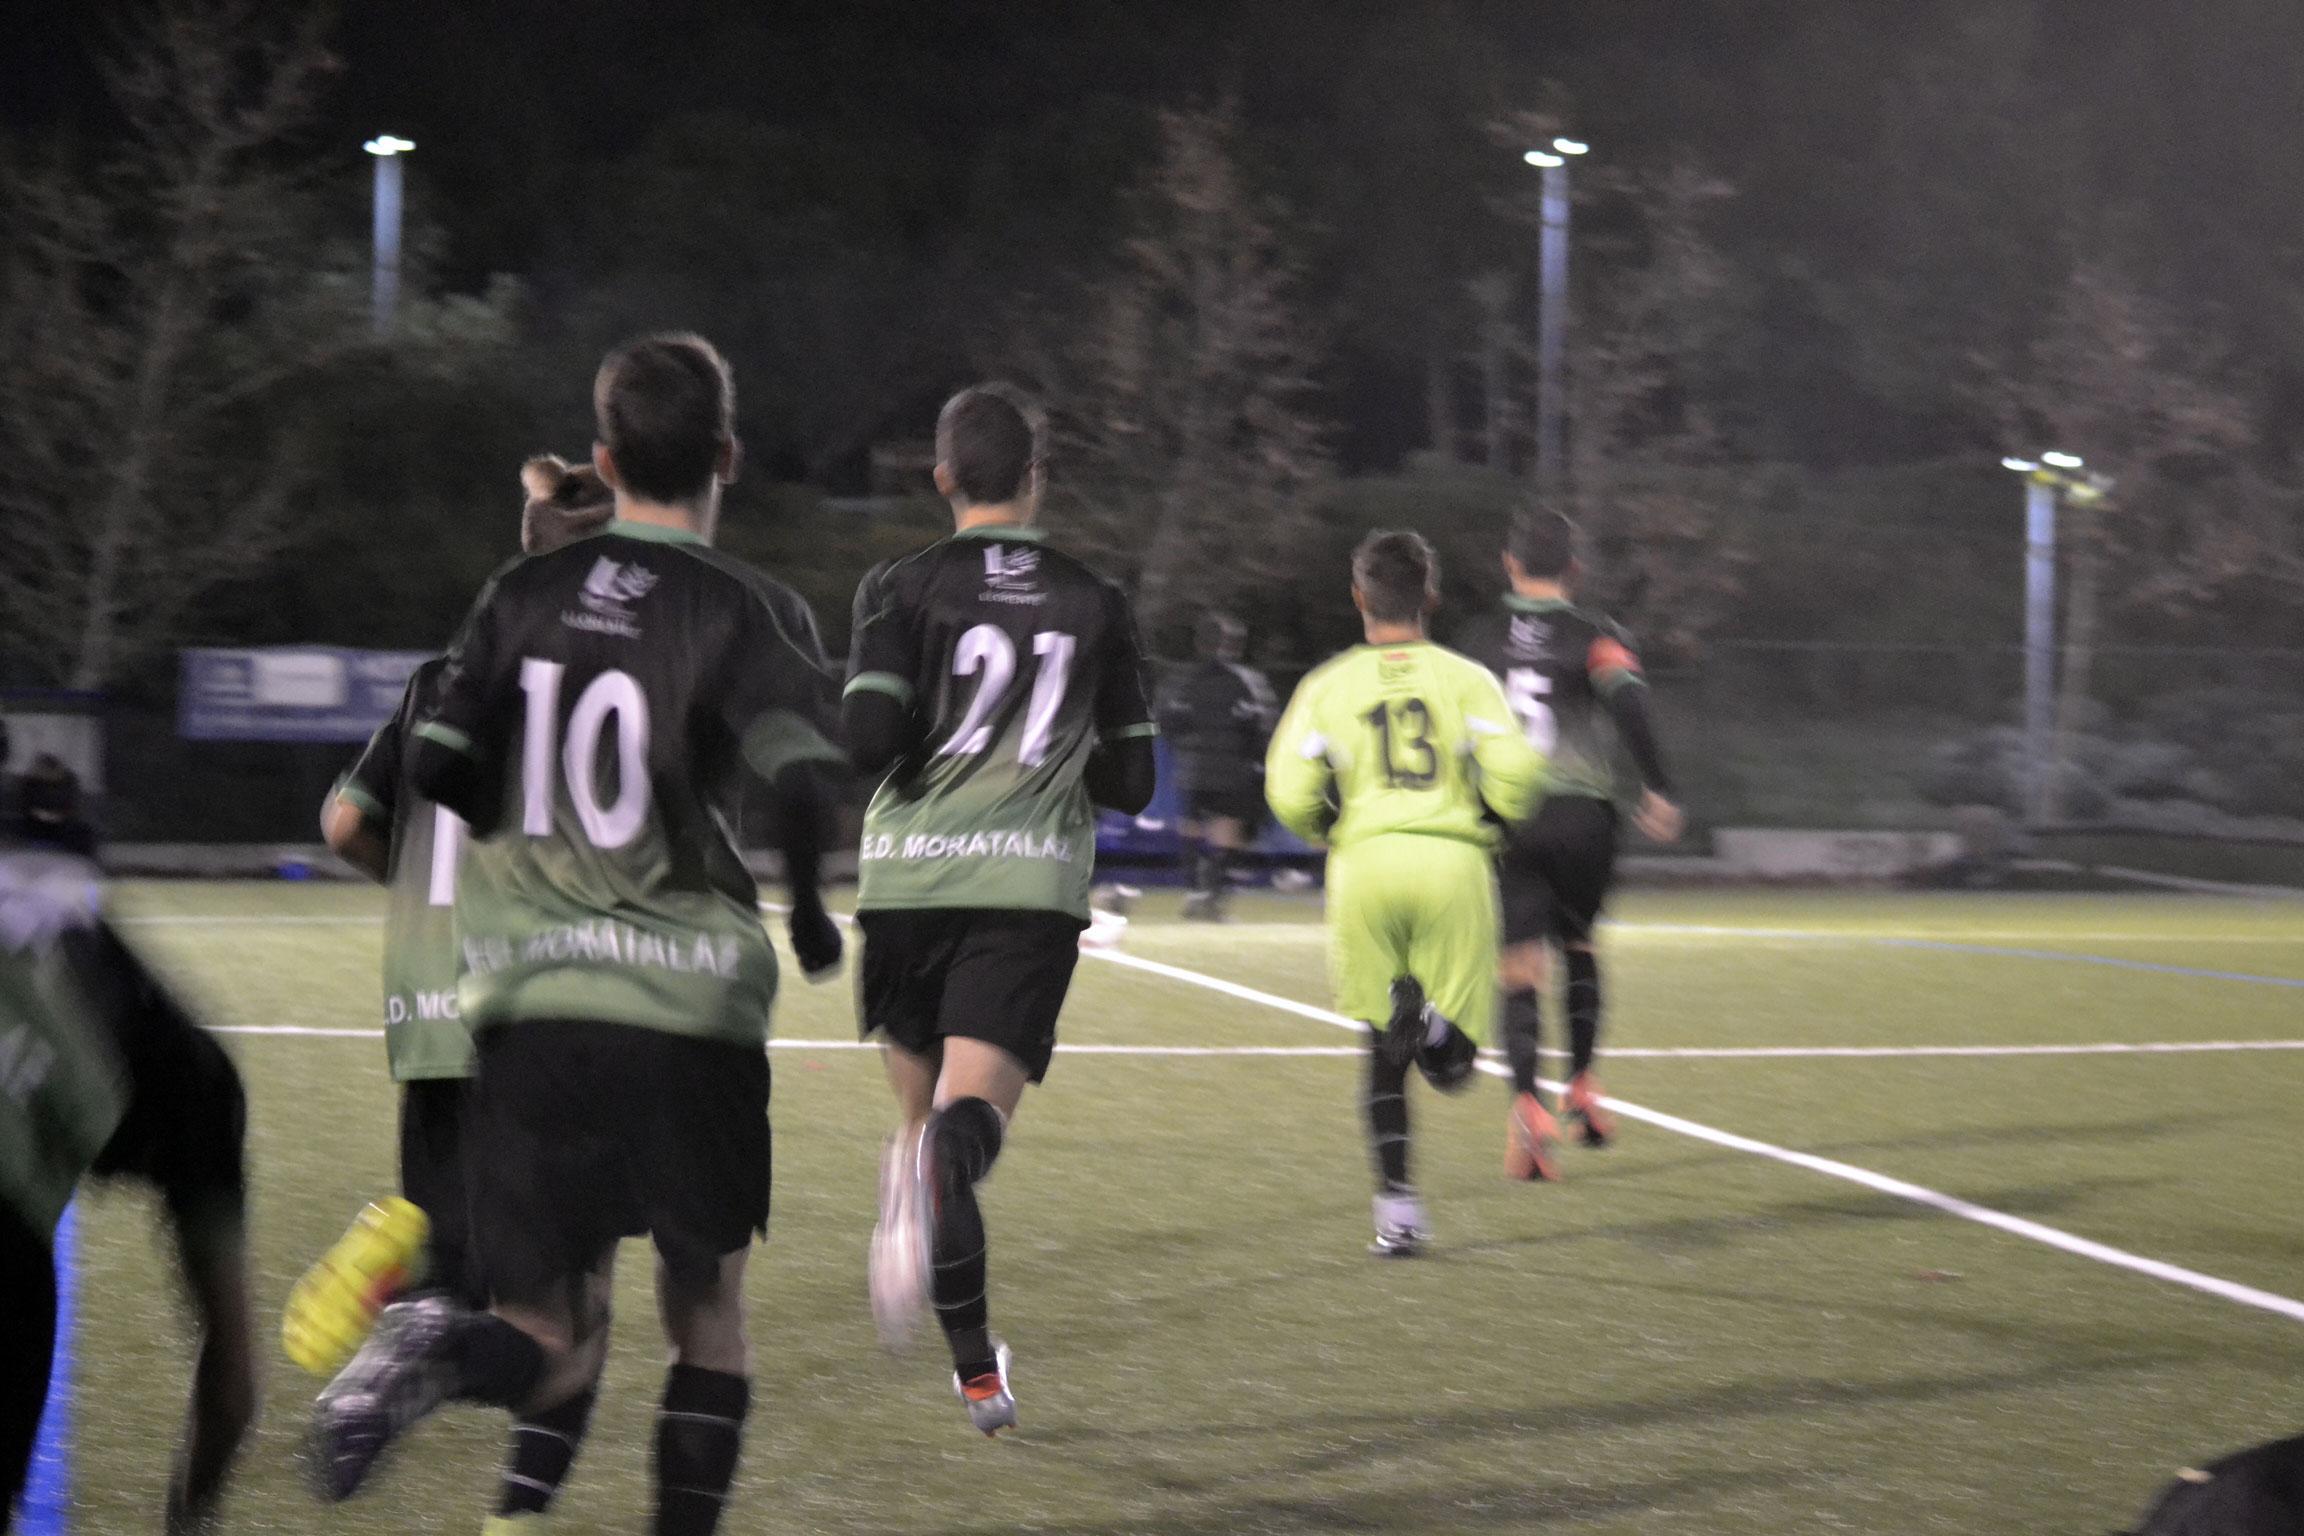 Crónica y fotos del partido Juvenil D 4-3 F. Rayo Vallecano B